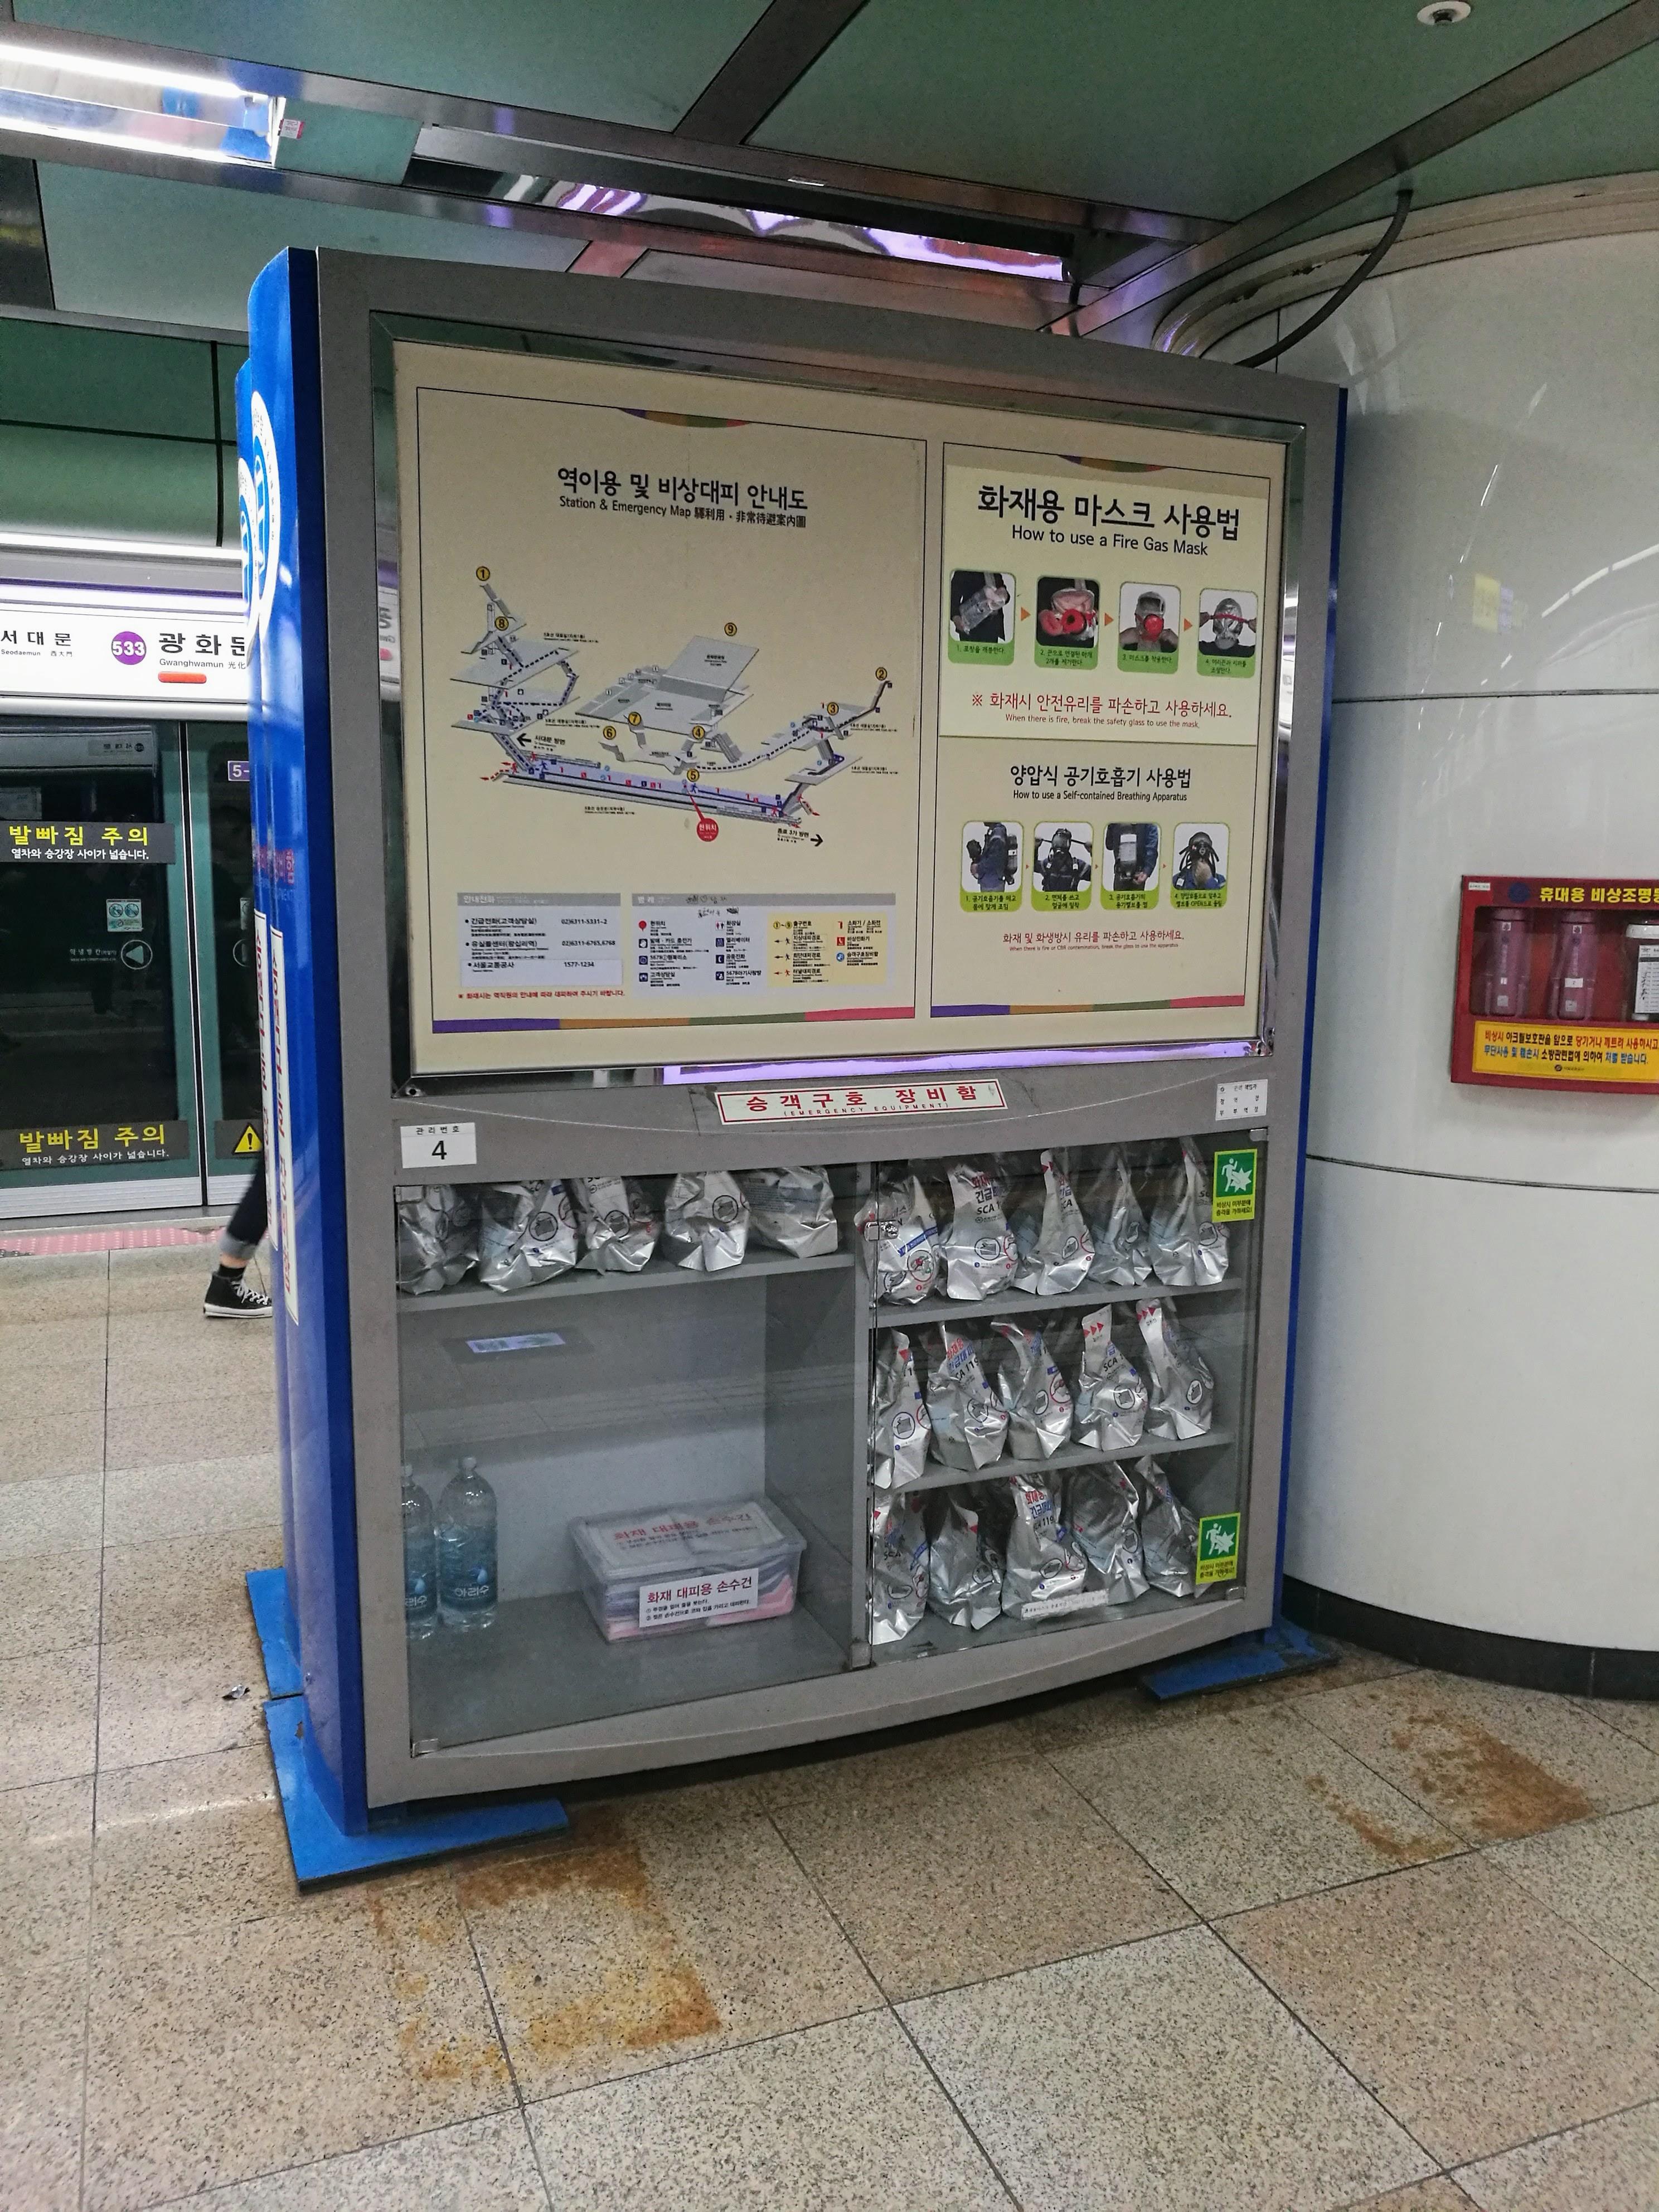 Vészhelyzet esetére gázmaszkok és egyéb felszerelés minden metróállomáson van, mivel a metró egyben menedékhelyként is szolgál légitámadás esetére. Ezt nem most vezették be.